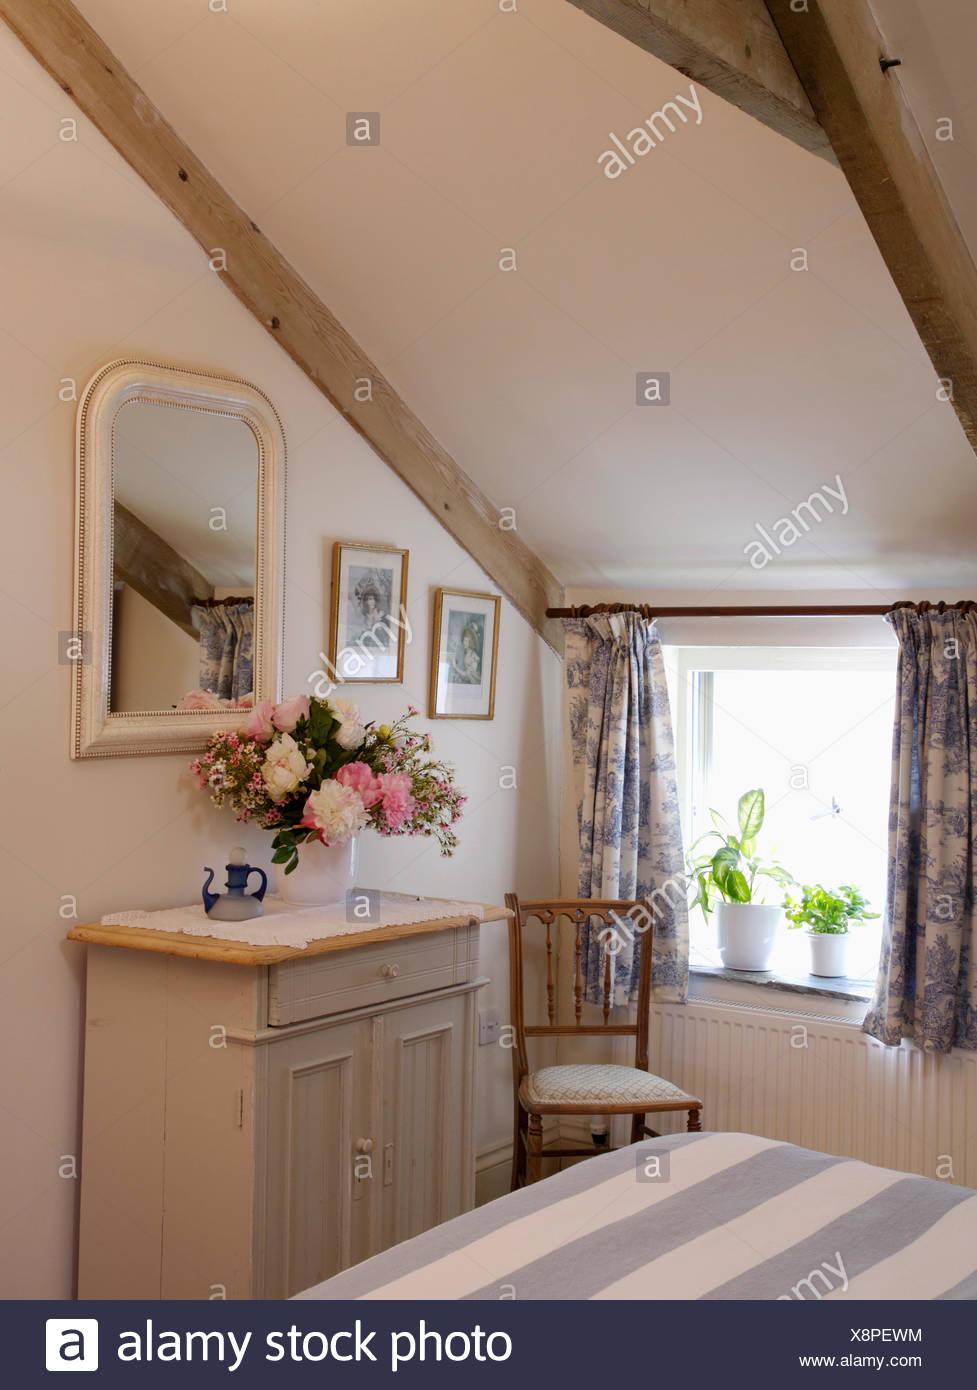 Specchio Sopra La Crema Piccolo Armadio In Mansarda Camera Da Letto Cottage Con Blue White Toile De Jouy Tende Foto Stock Alamy